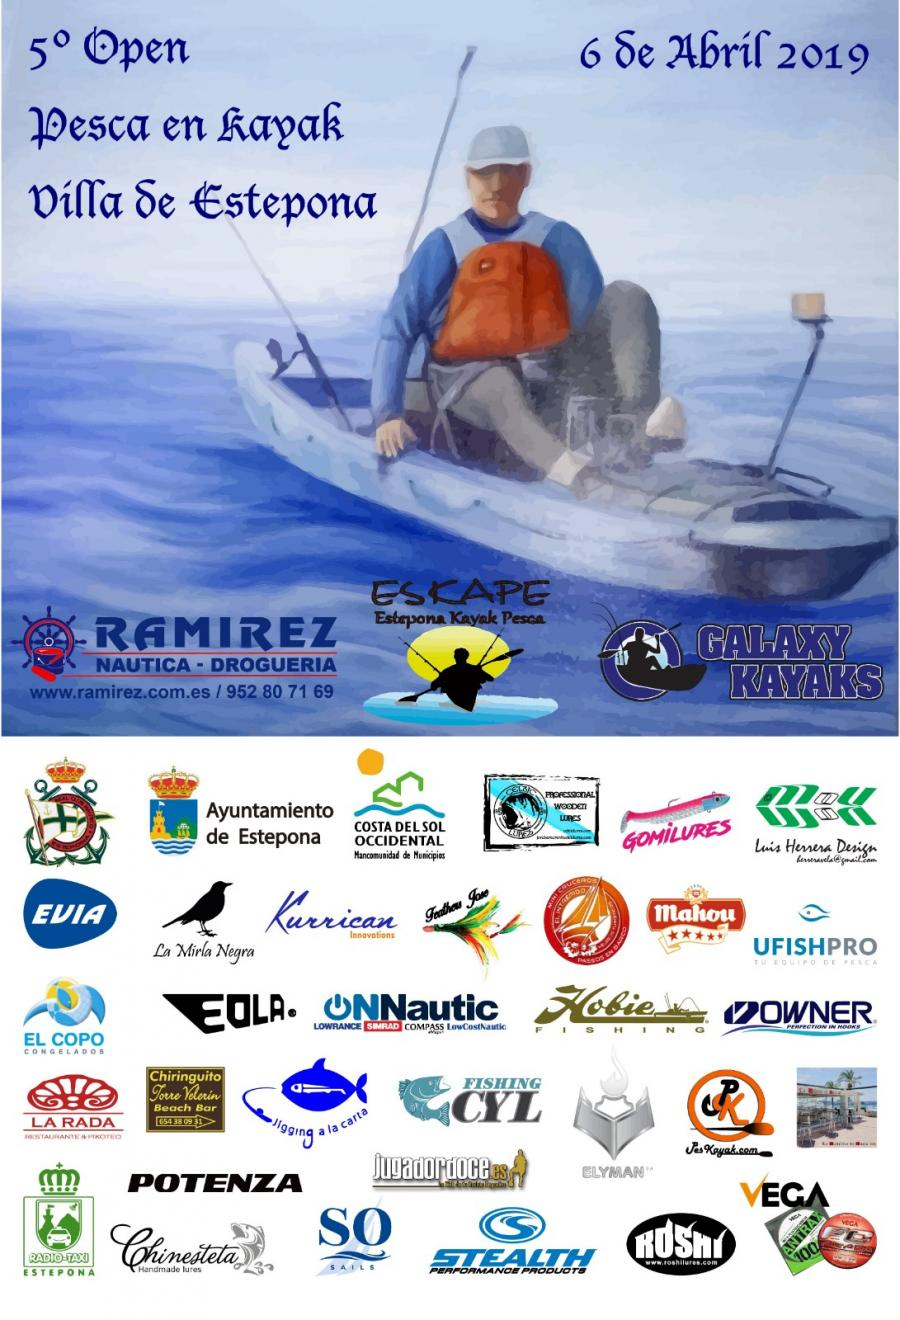 Estepona Estepona El Puerto Deportivo de Estepona acoge el 5º Open de Pesca en Kayak Villa de Estepona con el que colabora la Mancomunidad